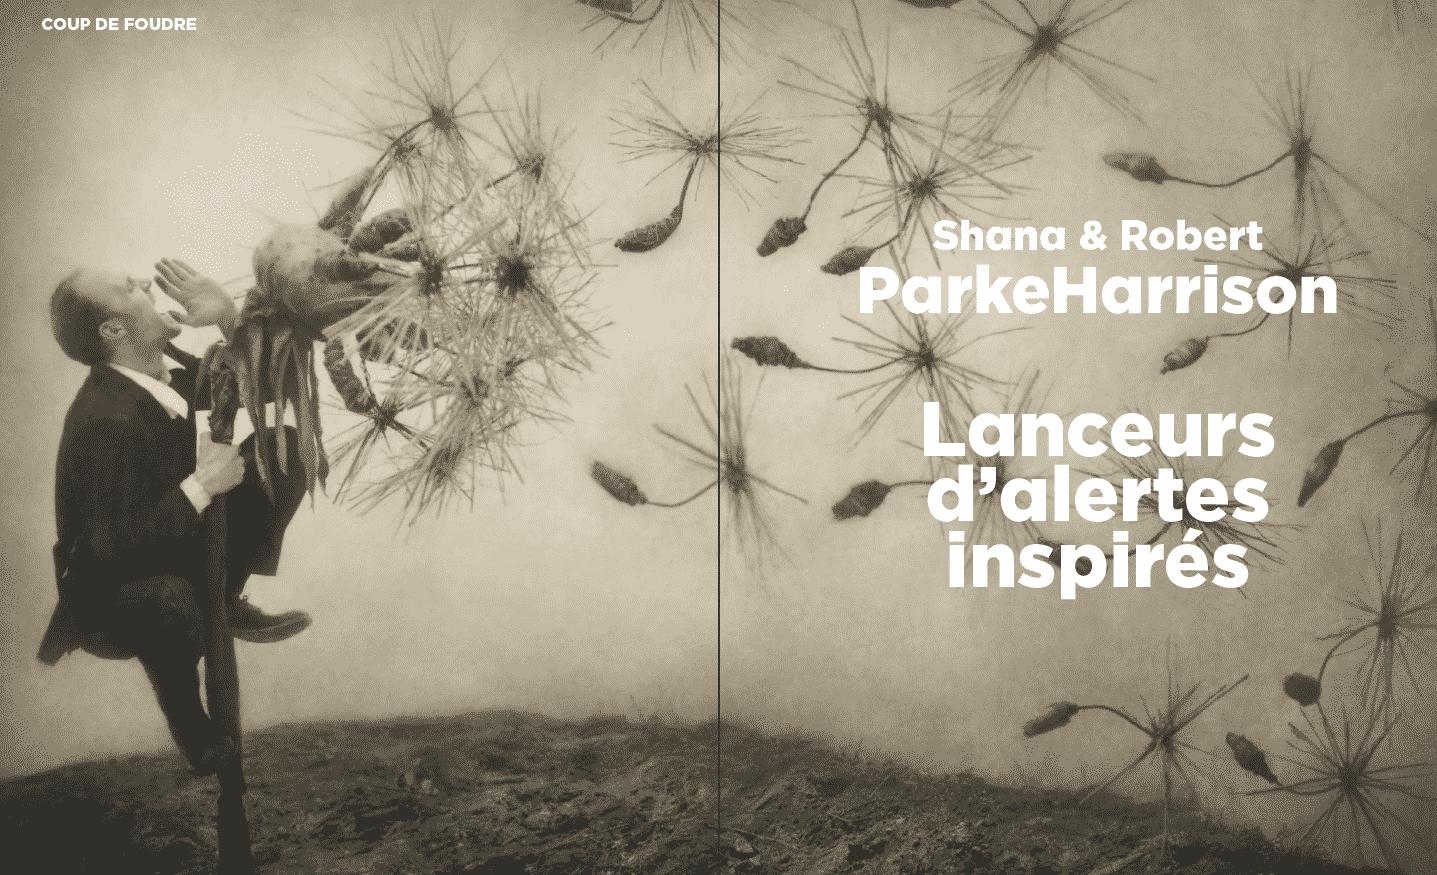 Coup de foudre : Shana & Robert ParkeHarrison